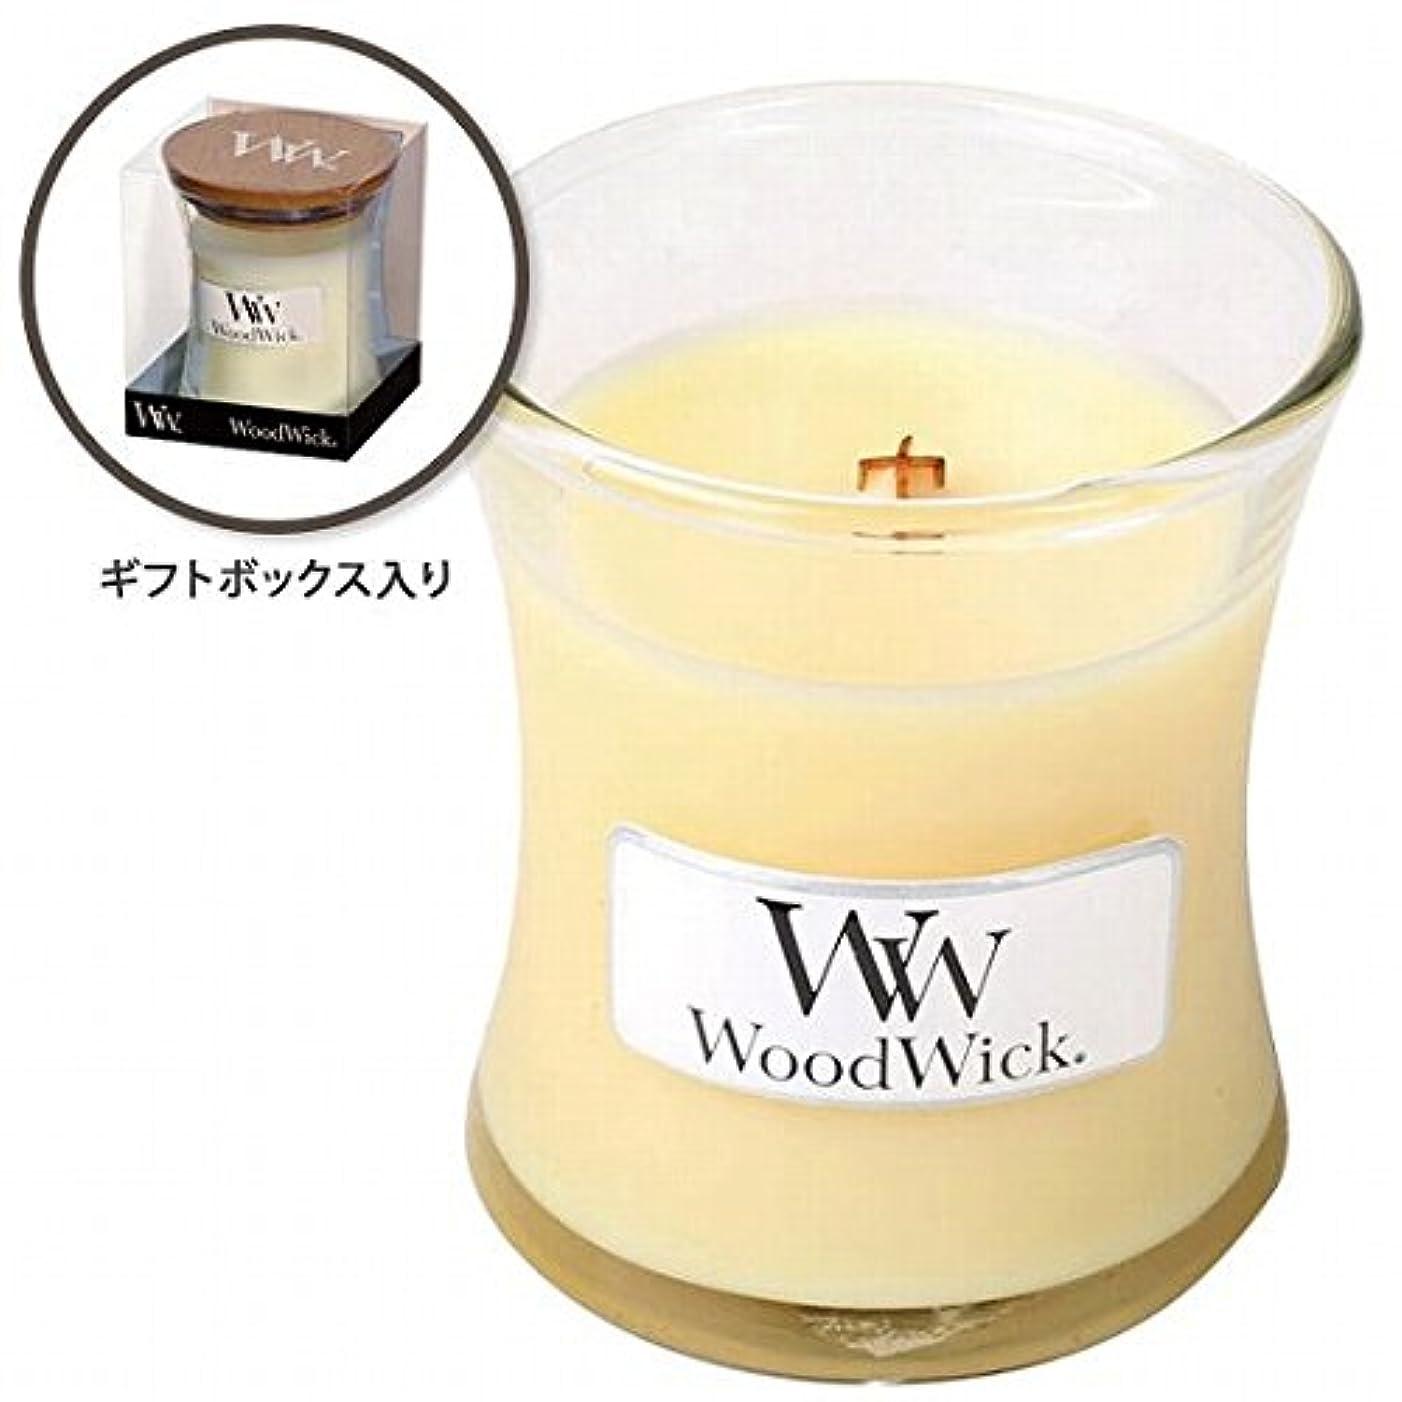 ホイップバウンスデンマーク語WoodWick(ウッドウィック) Wood WickジャーS 「レモングラス&リリー」(W9000550)